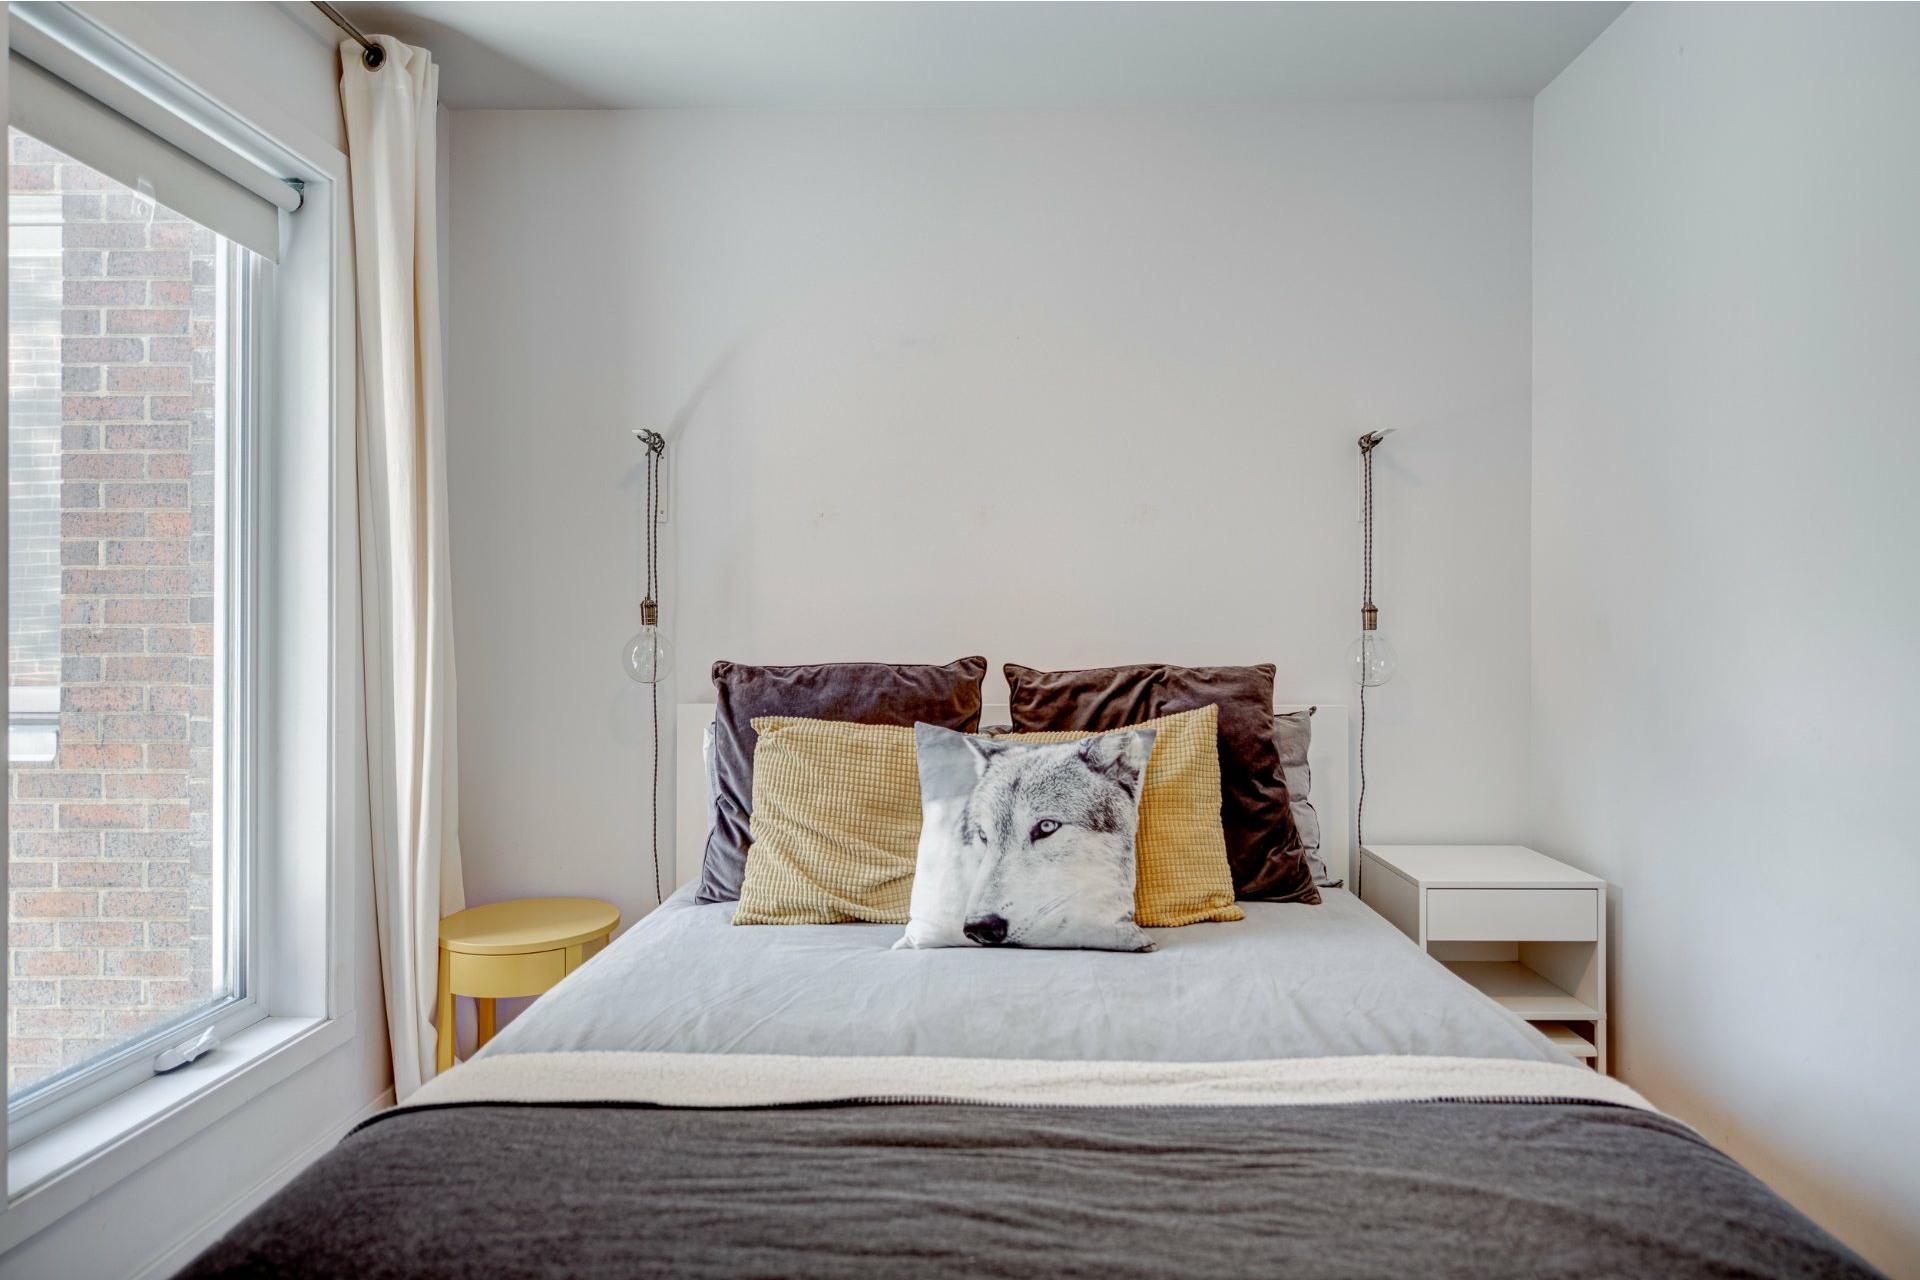 image 12 - Appartement À vendre Rosemont/La Petite-Patrie Montréal  - 6 pièces